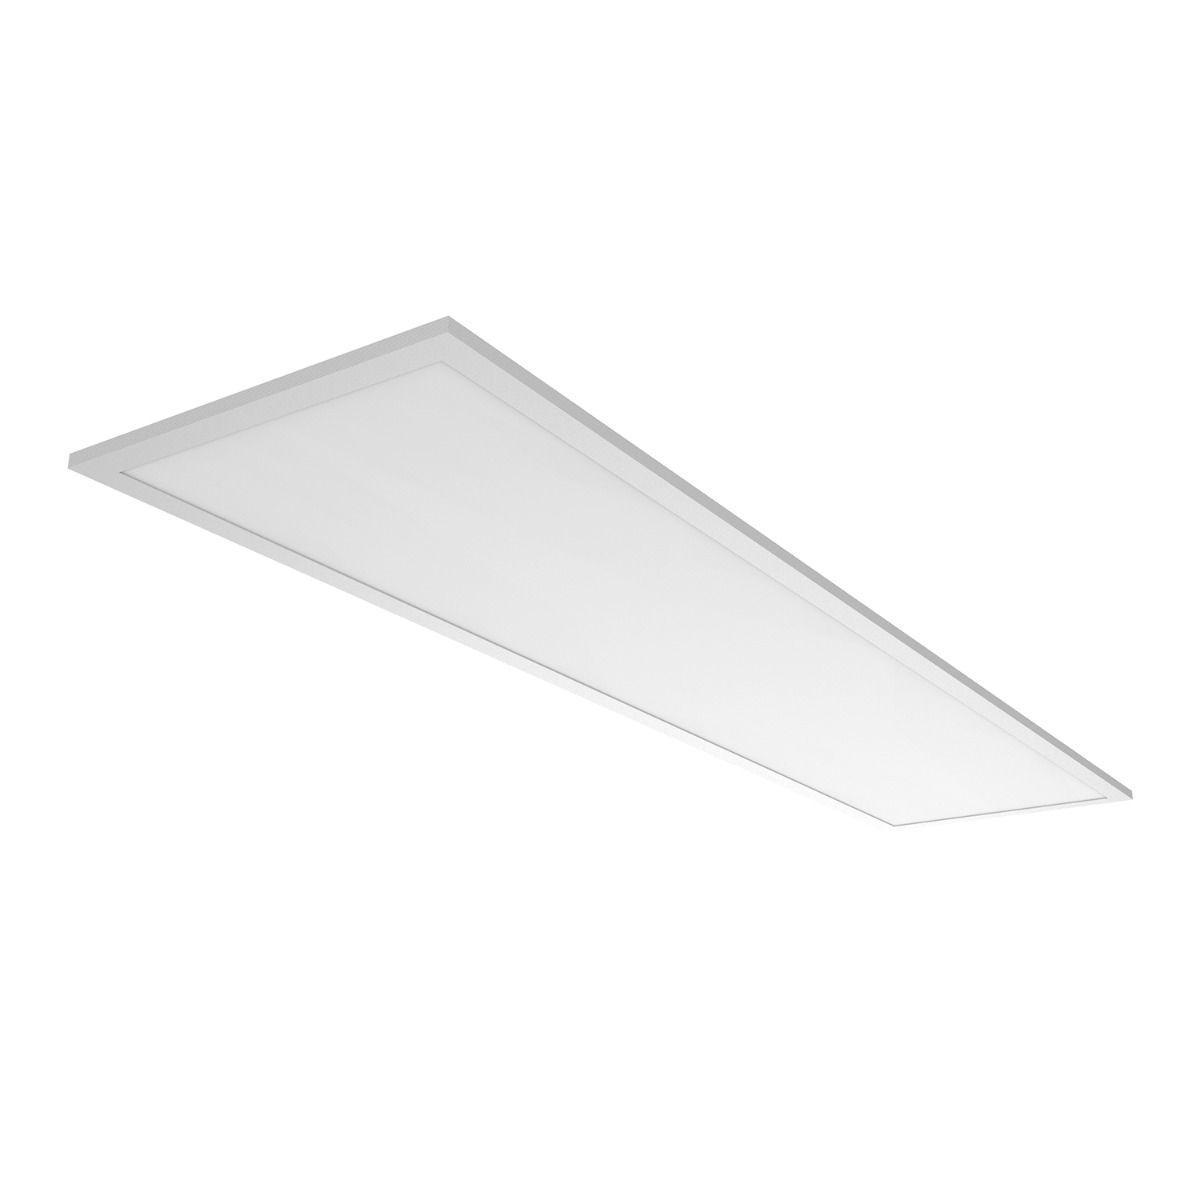 Noxion Panneau LED Delta Pro V3 30W 3000K 3960lm 30x120cm UGR <22   Blanc Chaud - Substitut 2x36W